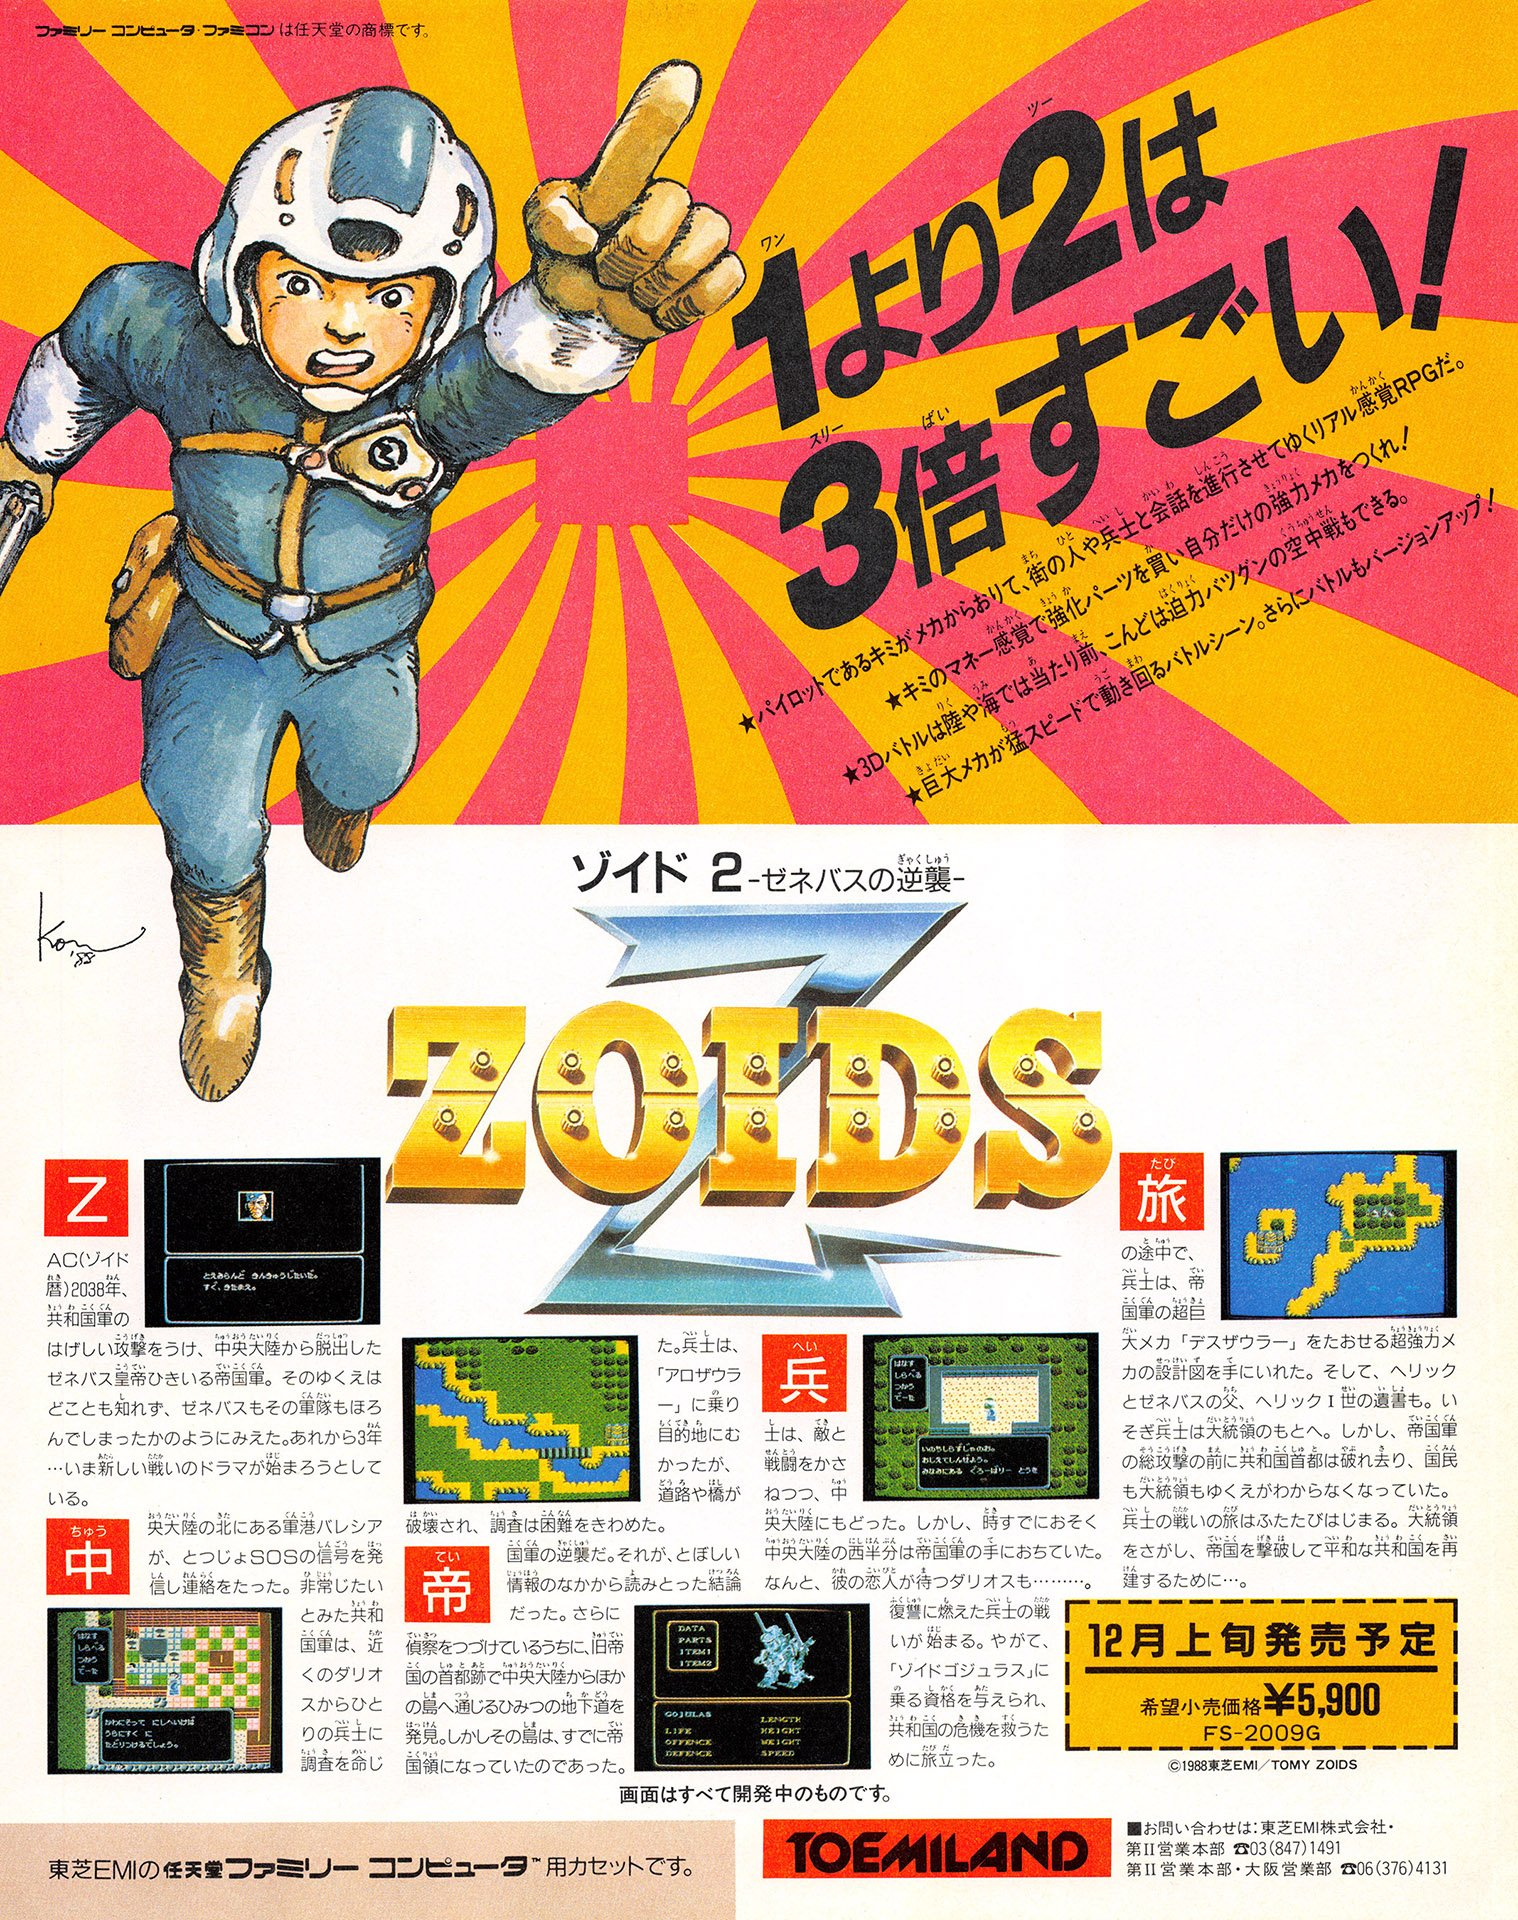 Zoids 2: Zenebasu no Gyakushuu (Japan)